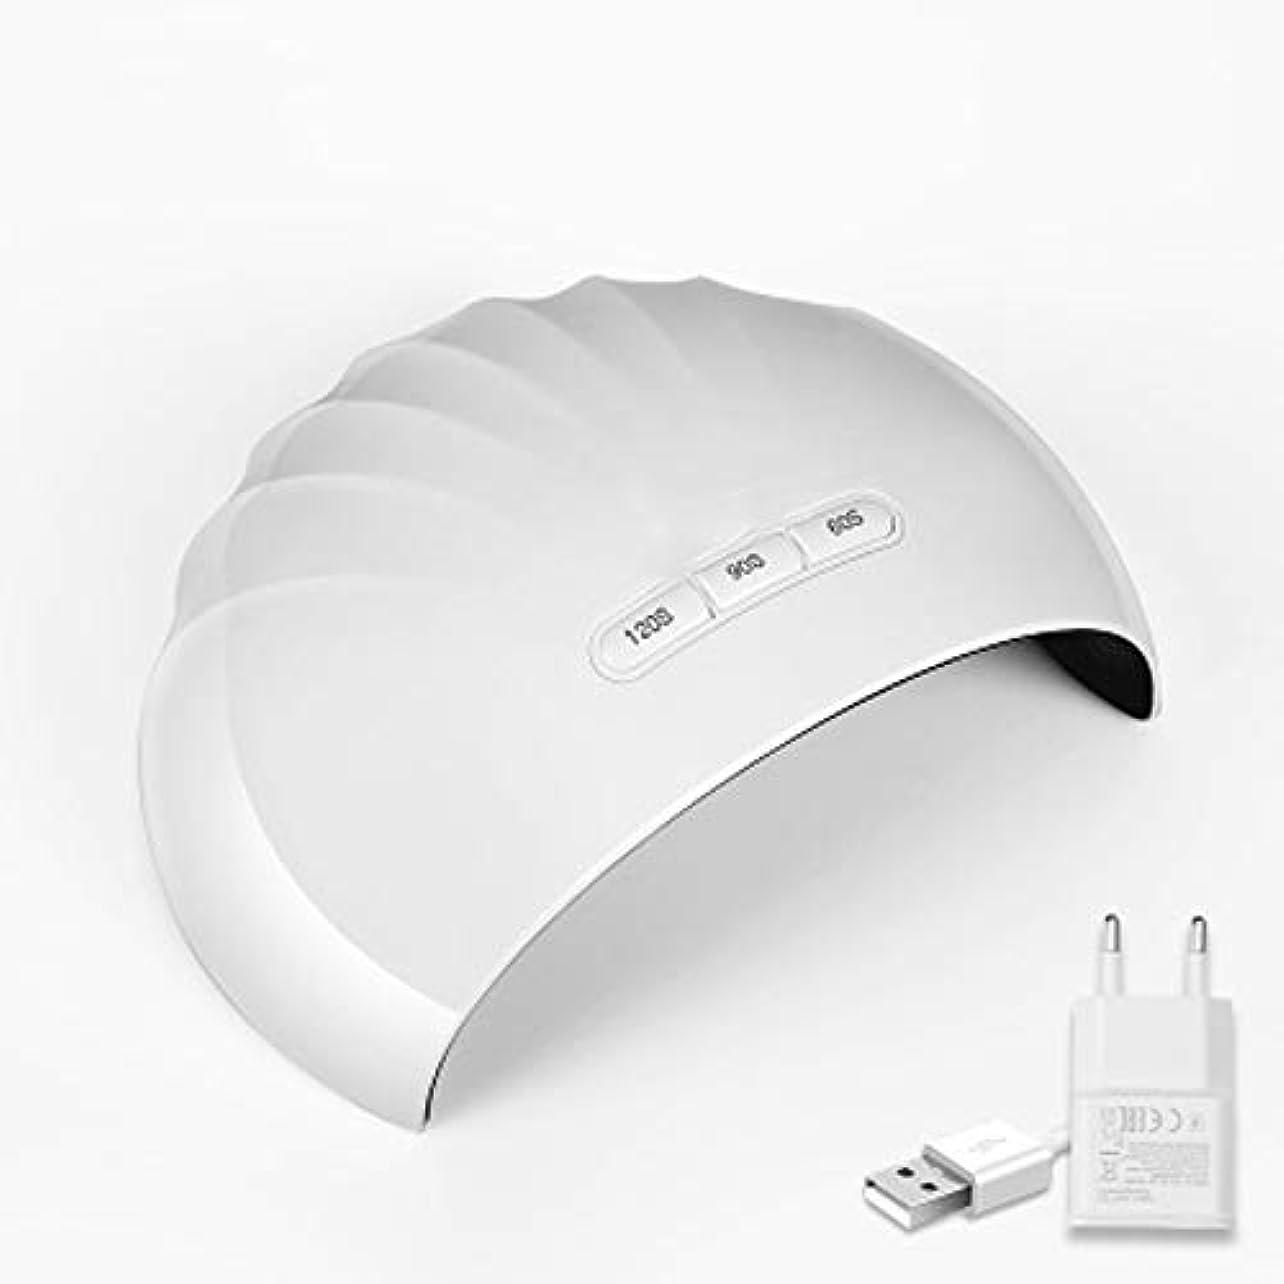 ジョージスティーブンソンクラウド議論するZXCVB ネイルランプ - UV LEDネイルランプ、ネイルドライヤーで自動センサー用爪とToenailsTimer設定